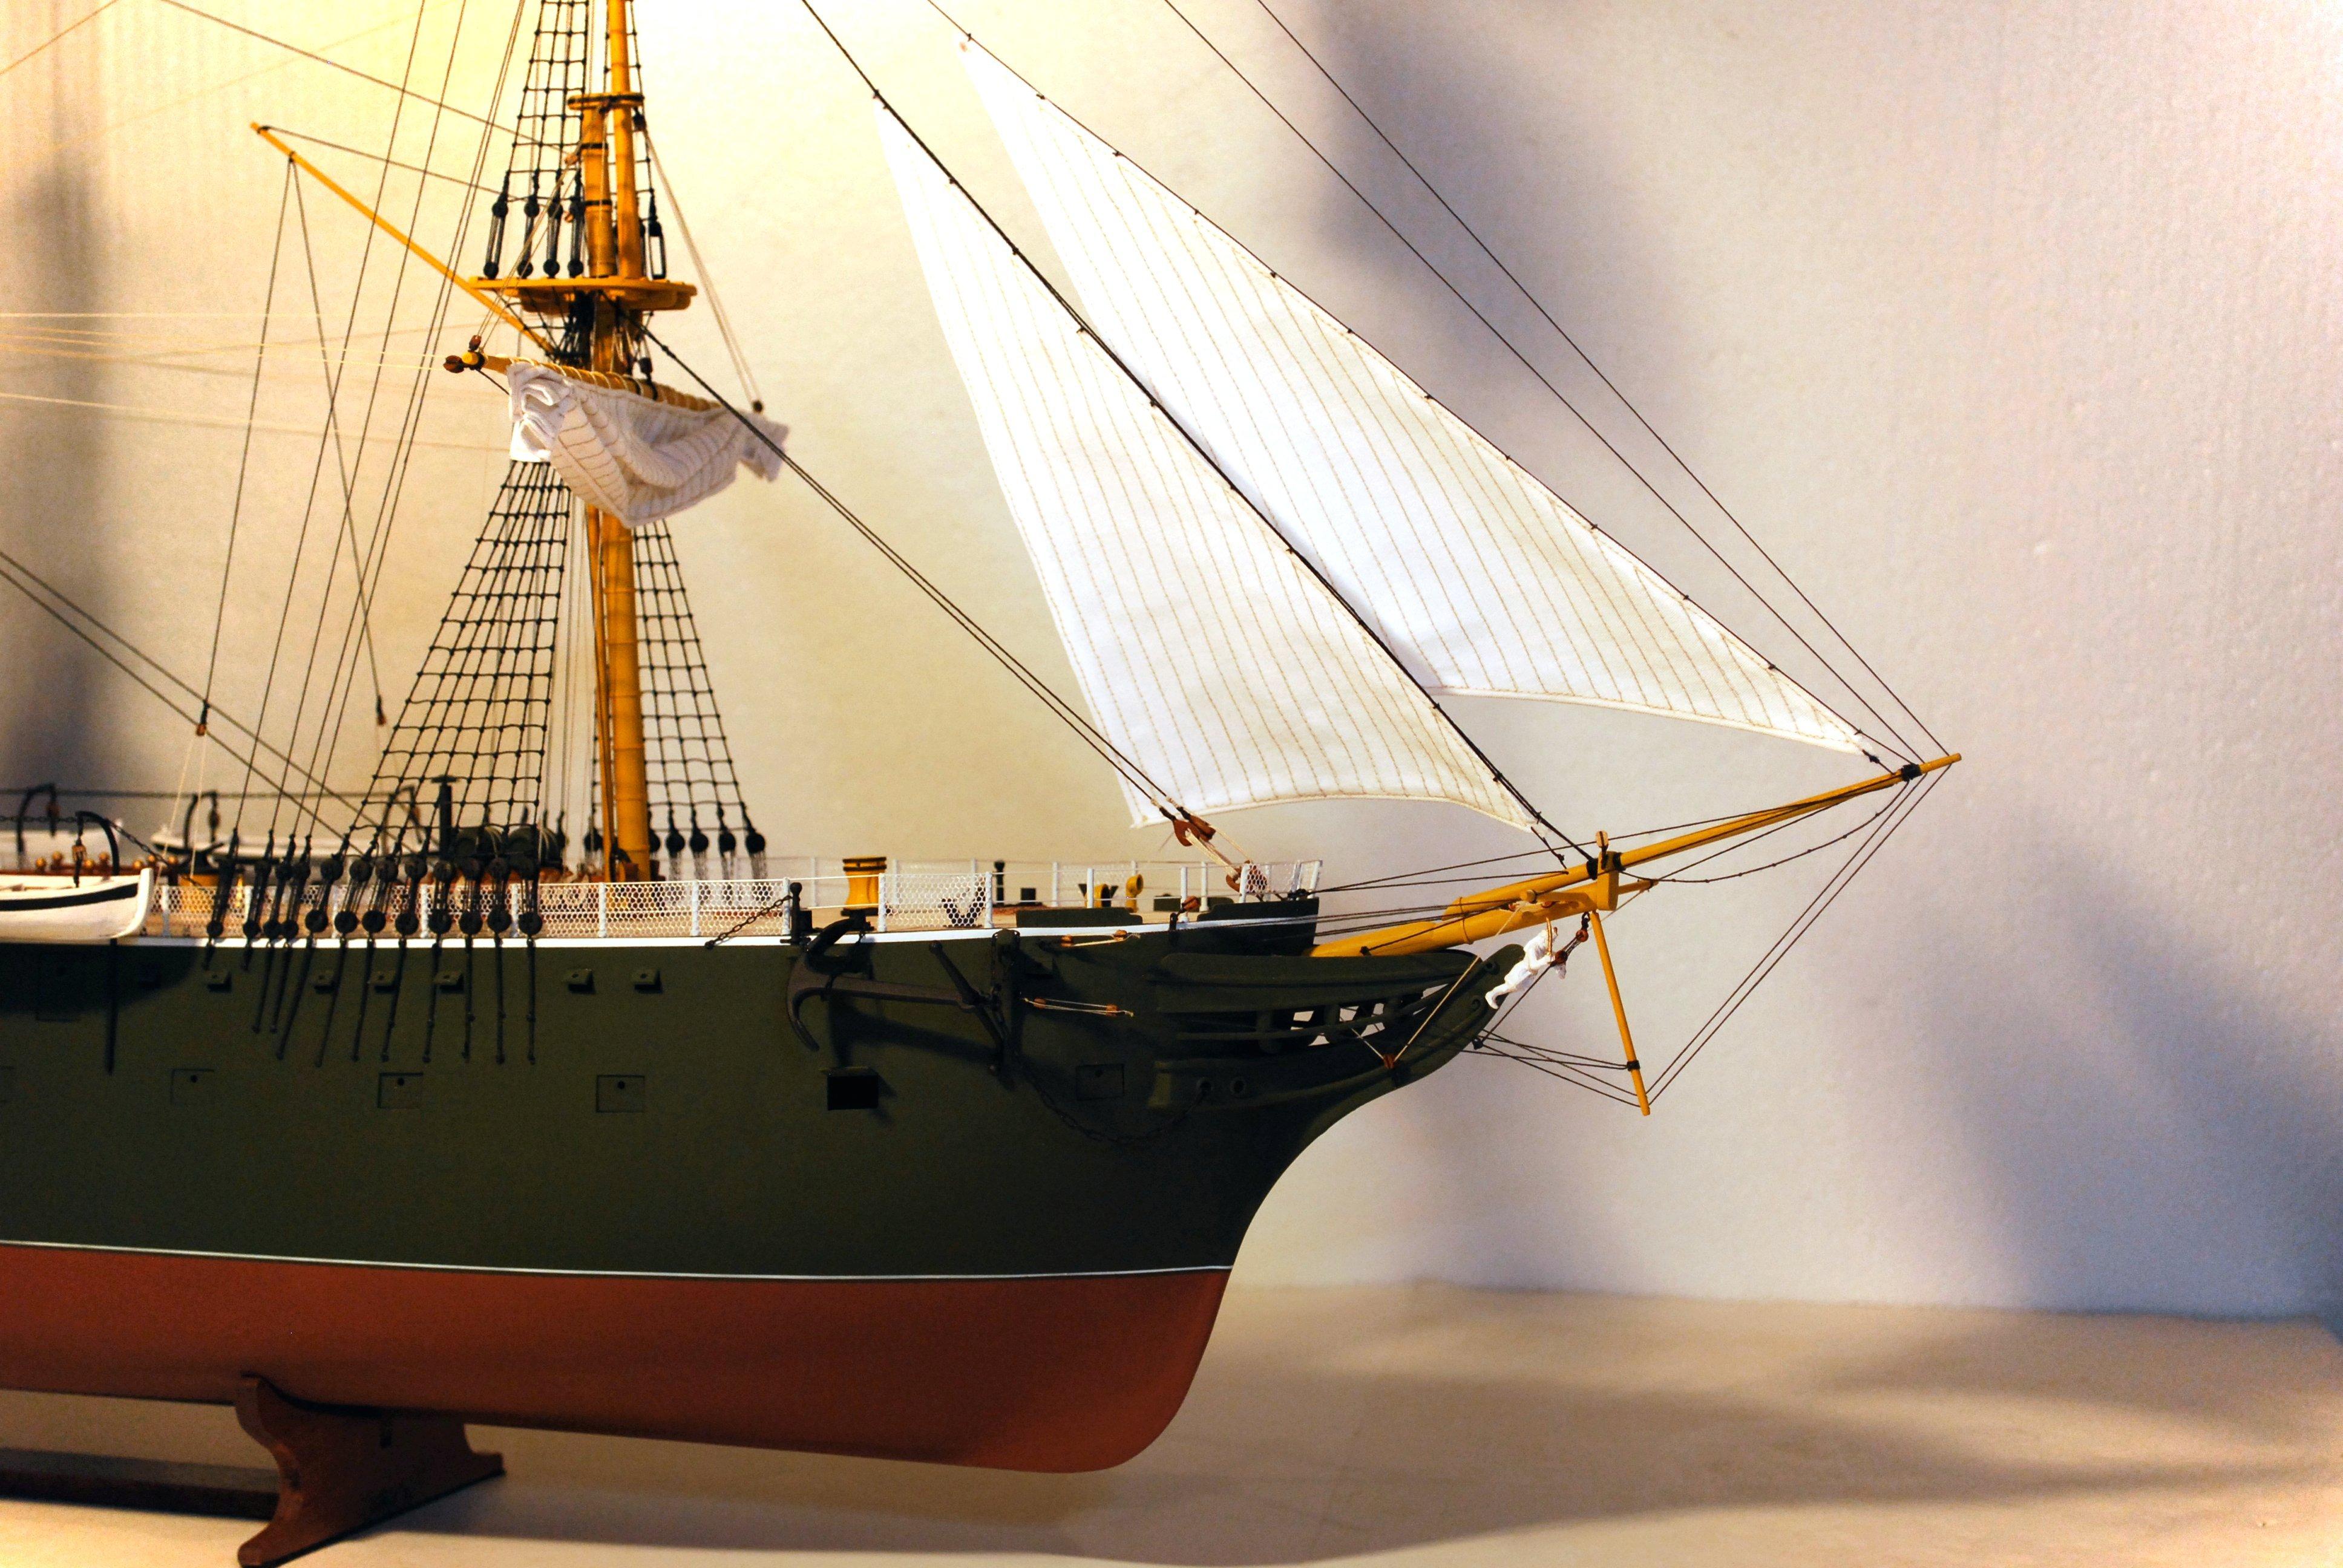 Yacht and sailboat models - 2